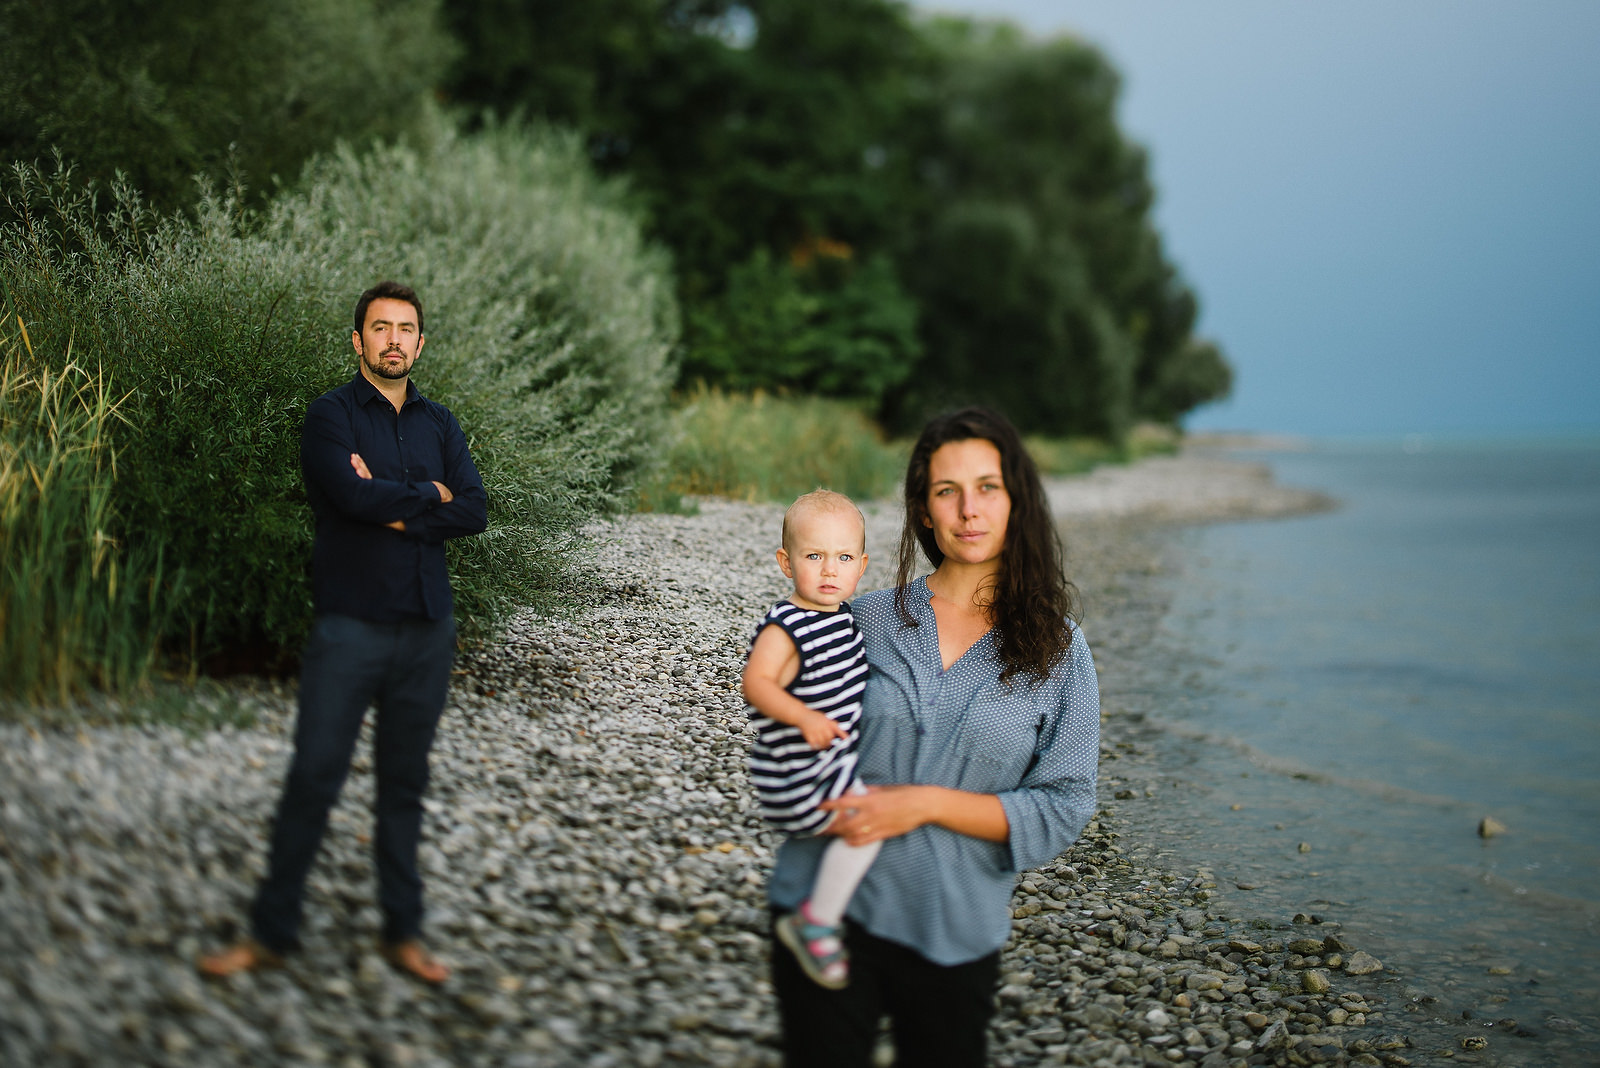 Fotograf Konstanz - Familienbilder Familien Musiker Baby Paar Shooting Konstanz EFP 05 - Familienbilder am Bodenseeufer bei Konstanz  - 26 -